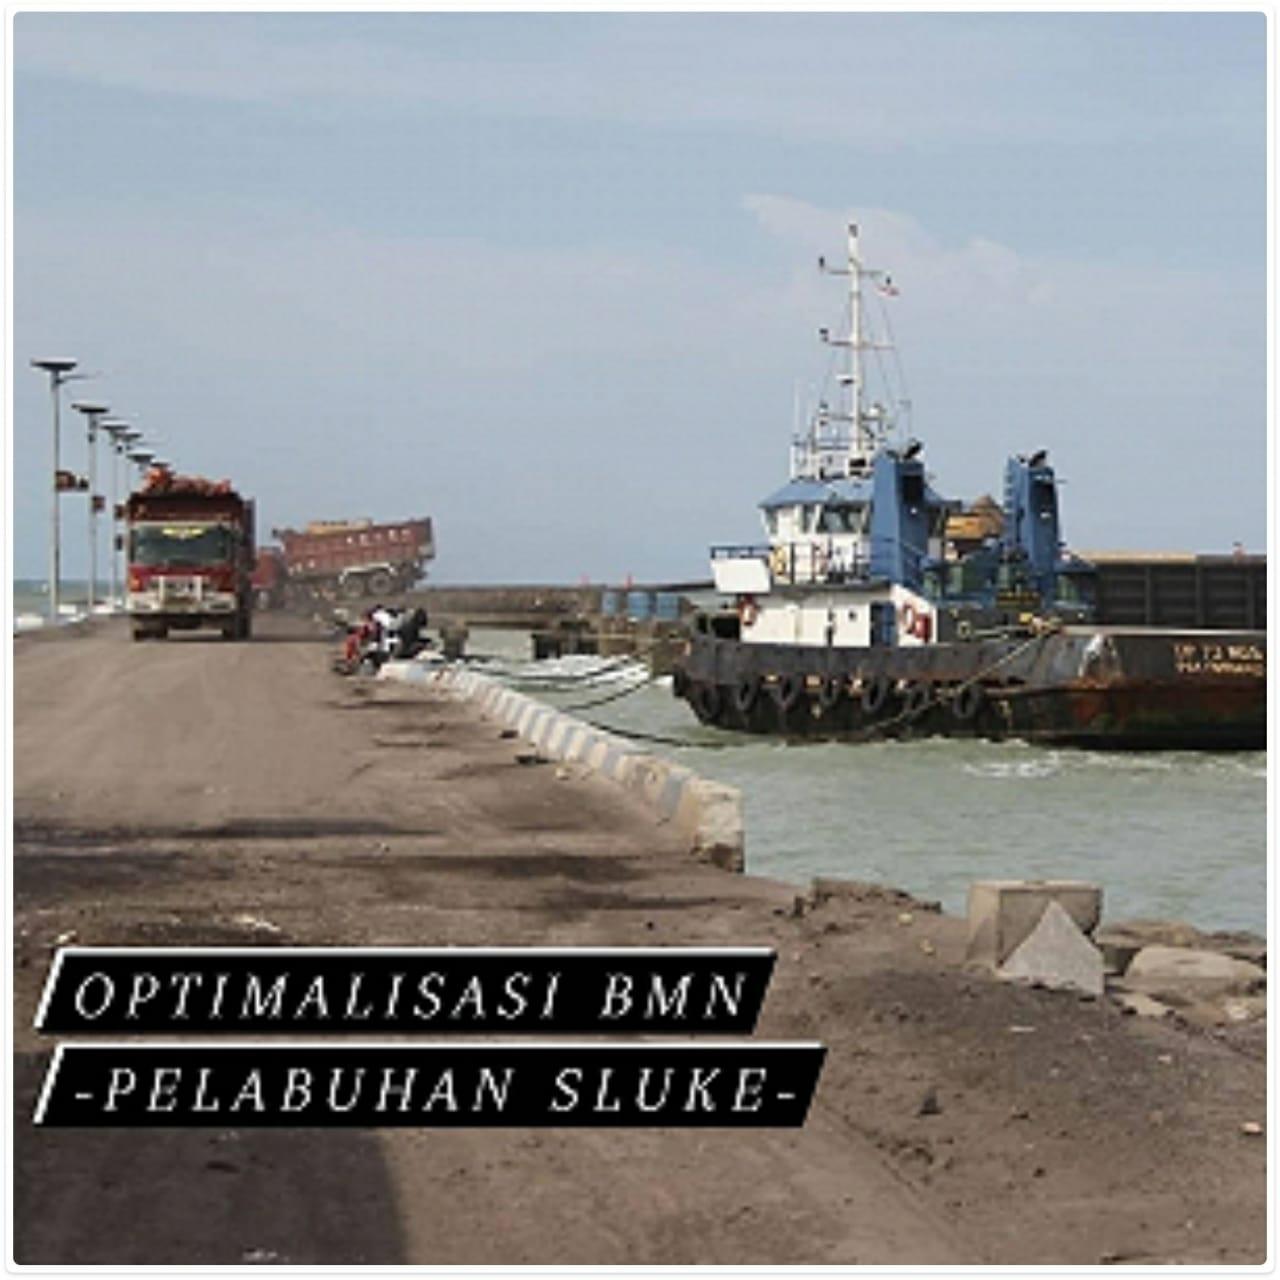 Optimalkan BMN, KUPP Kelas III Rembang Berhasil Sewakan Pelabuhan Sluke ke Pihak Ketiga